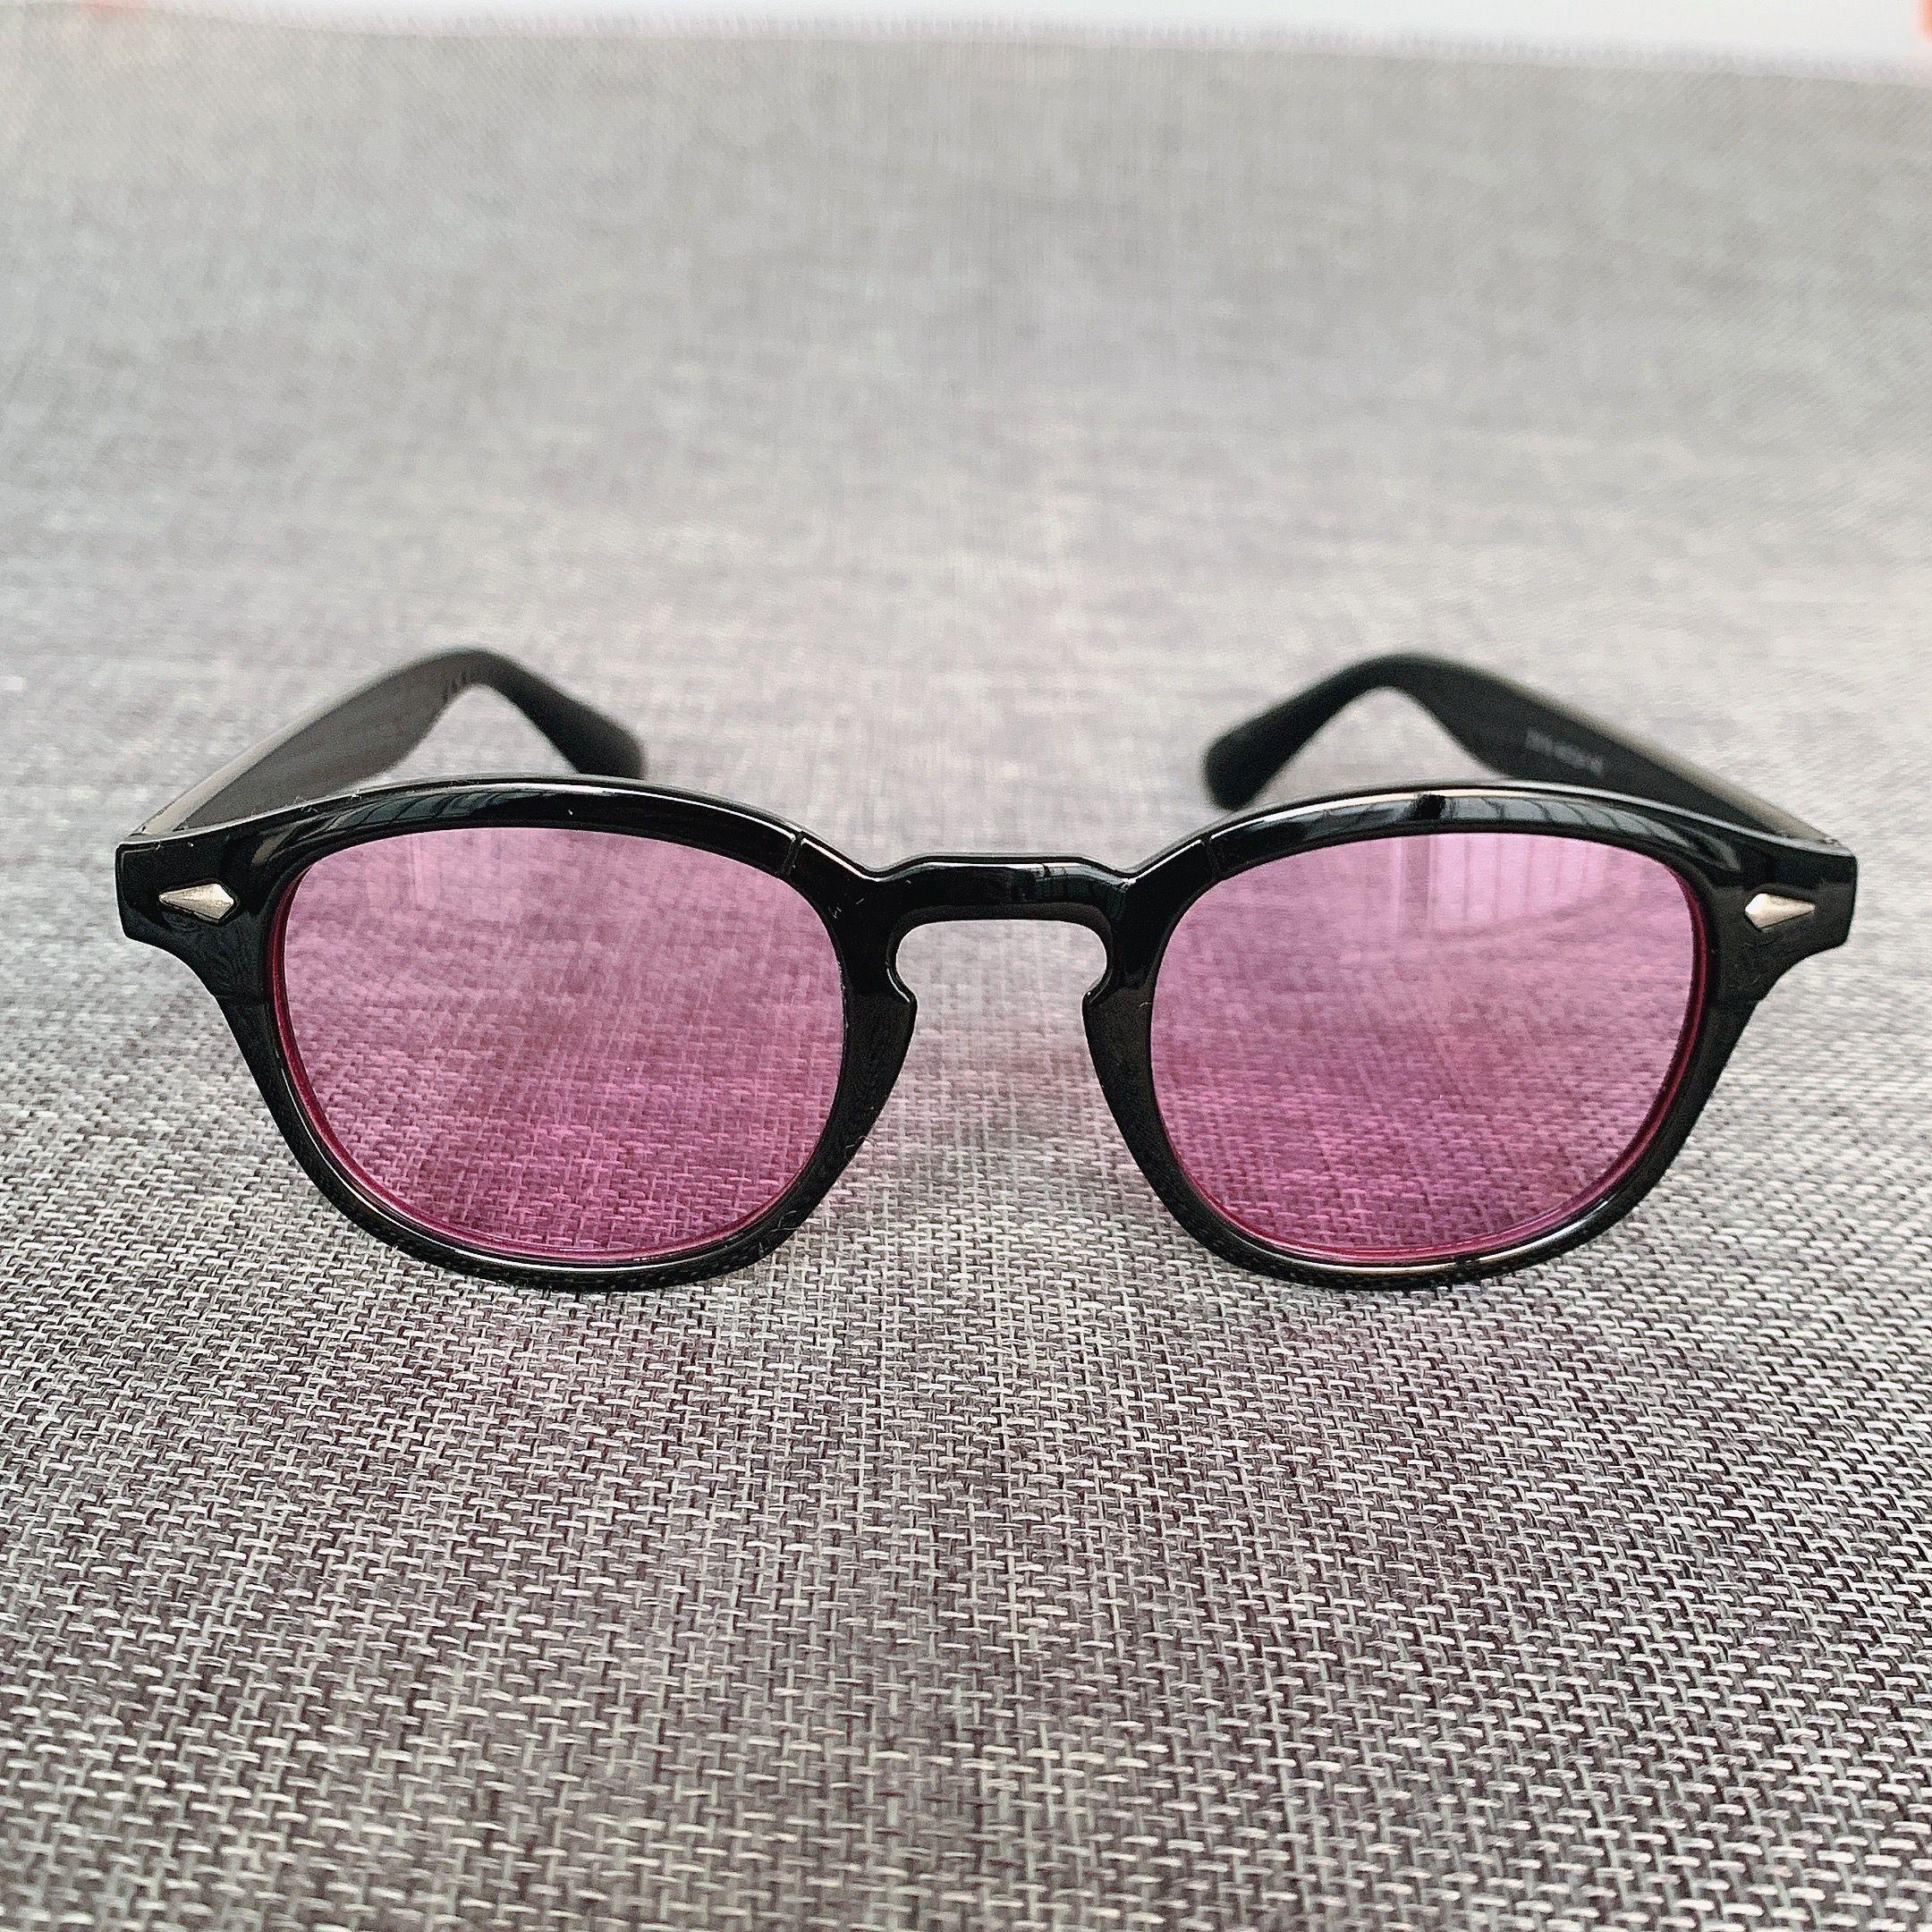 Маленькие круглые солнцезащитные очки Johnny Depp для мужчин и женщин, брендовые дизайнерские вечерние очки с прозрачными затемненными линзами